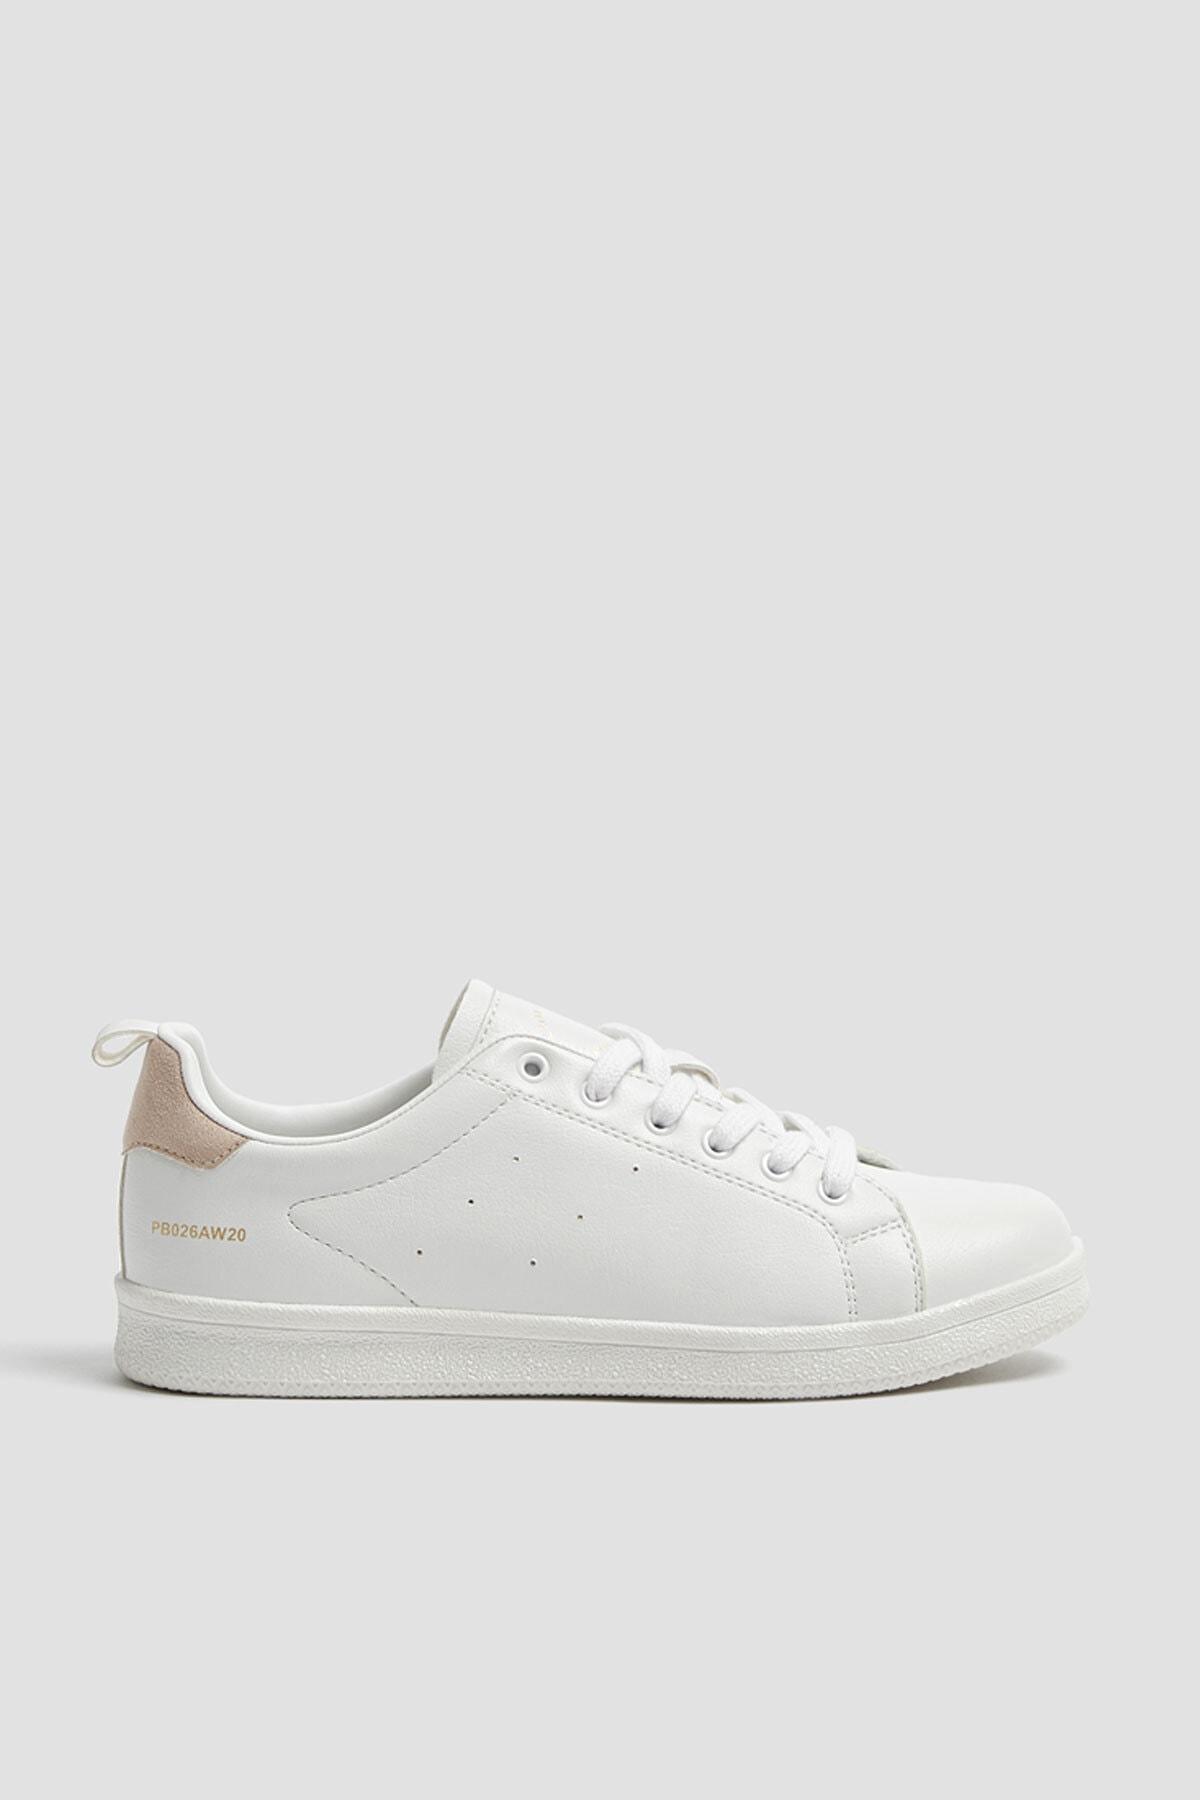 Pull & Bear Kadın Beyaz Çekme Kayış Detaylı Basic Spor Ayakkabı 11201640